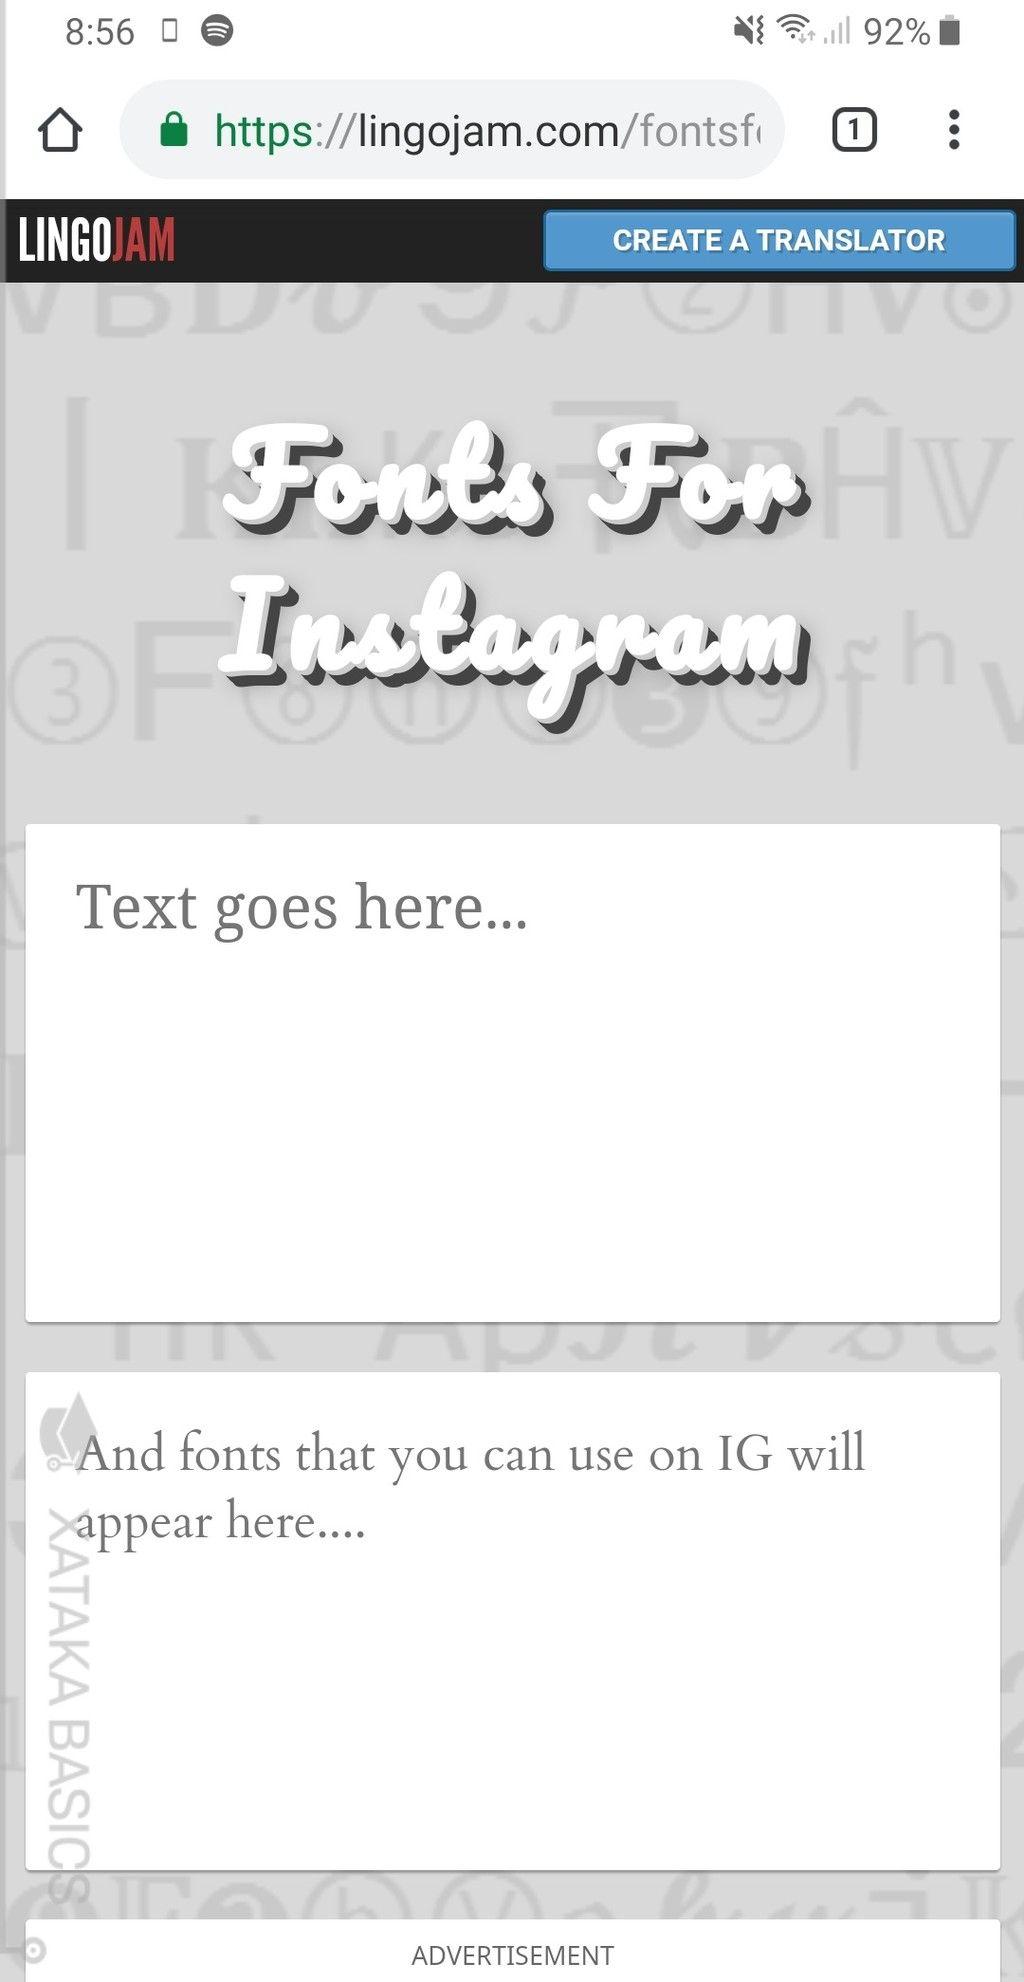 Cómo Poner Un Tipo De Letra Diferente En Instagram En Tu Nombre De Perfil Y Biografía Nombres De Instagram Diferentes Tipos De Letra Nombres En Instagram